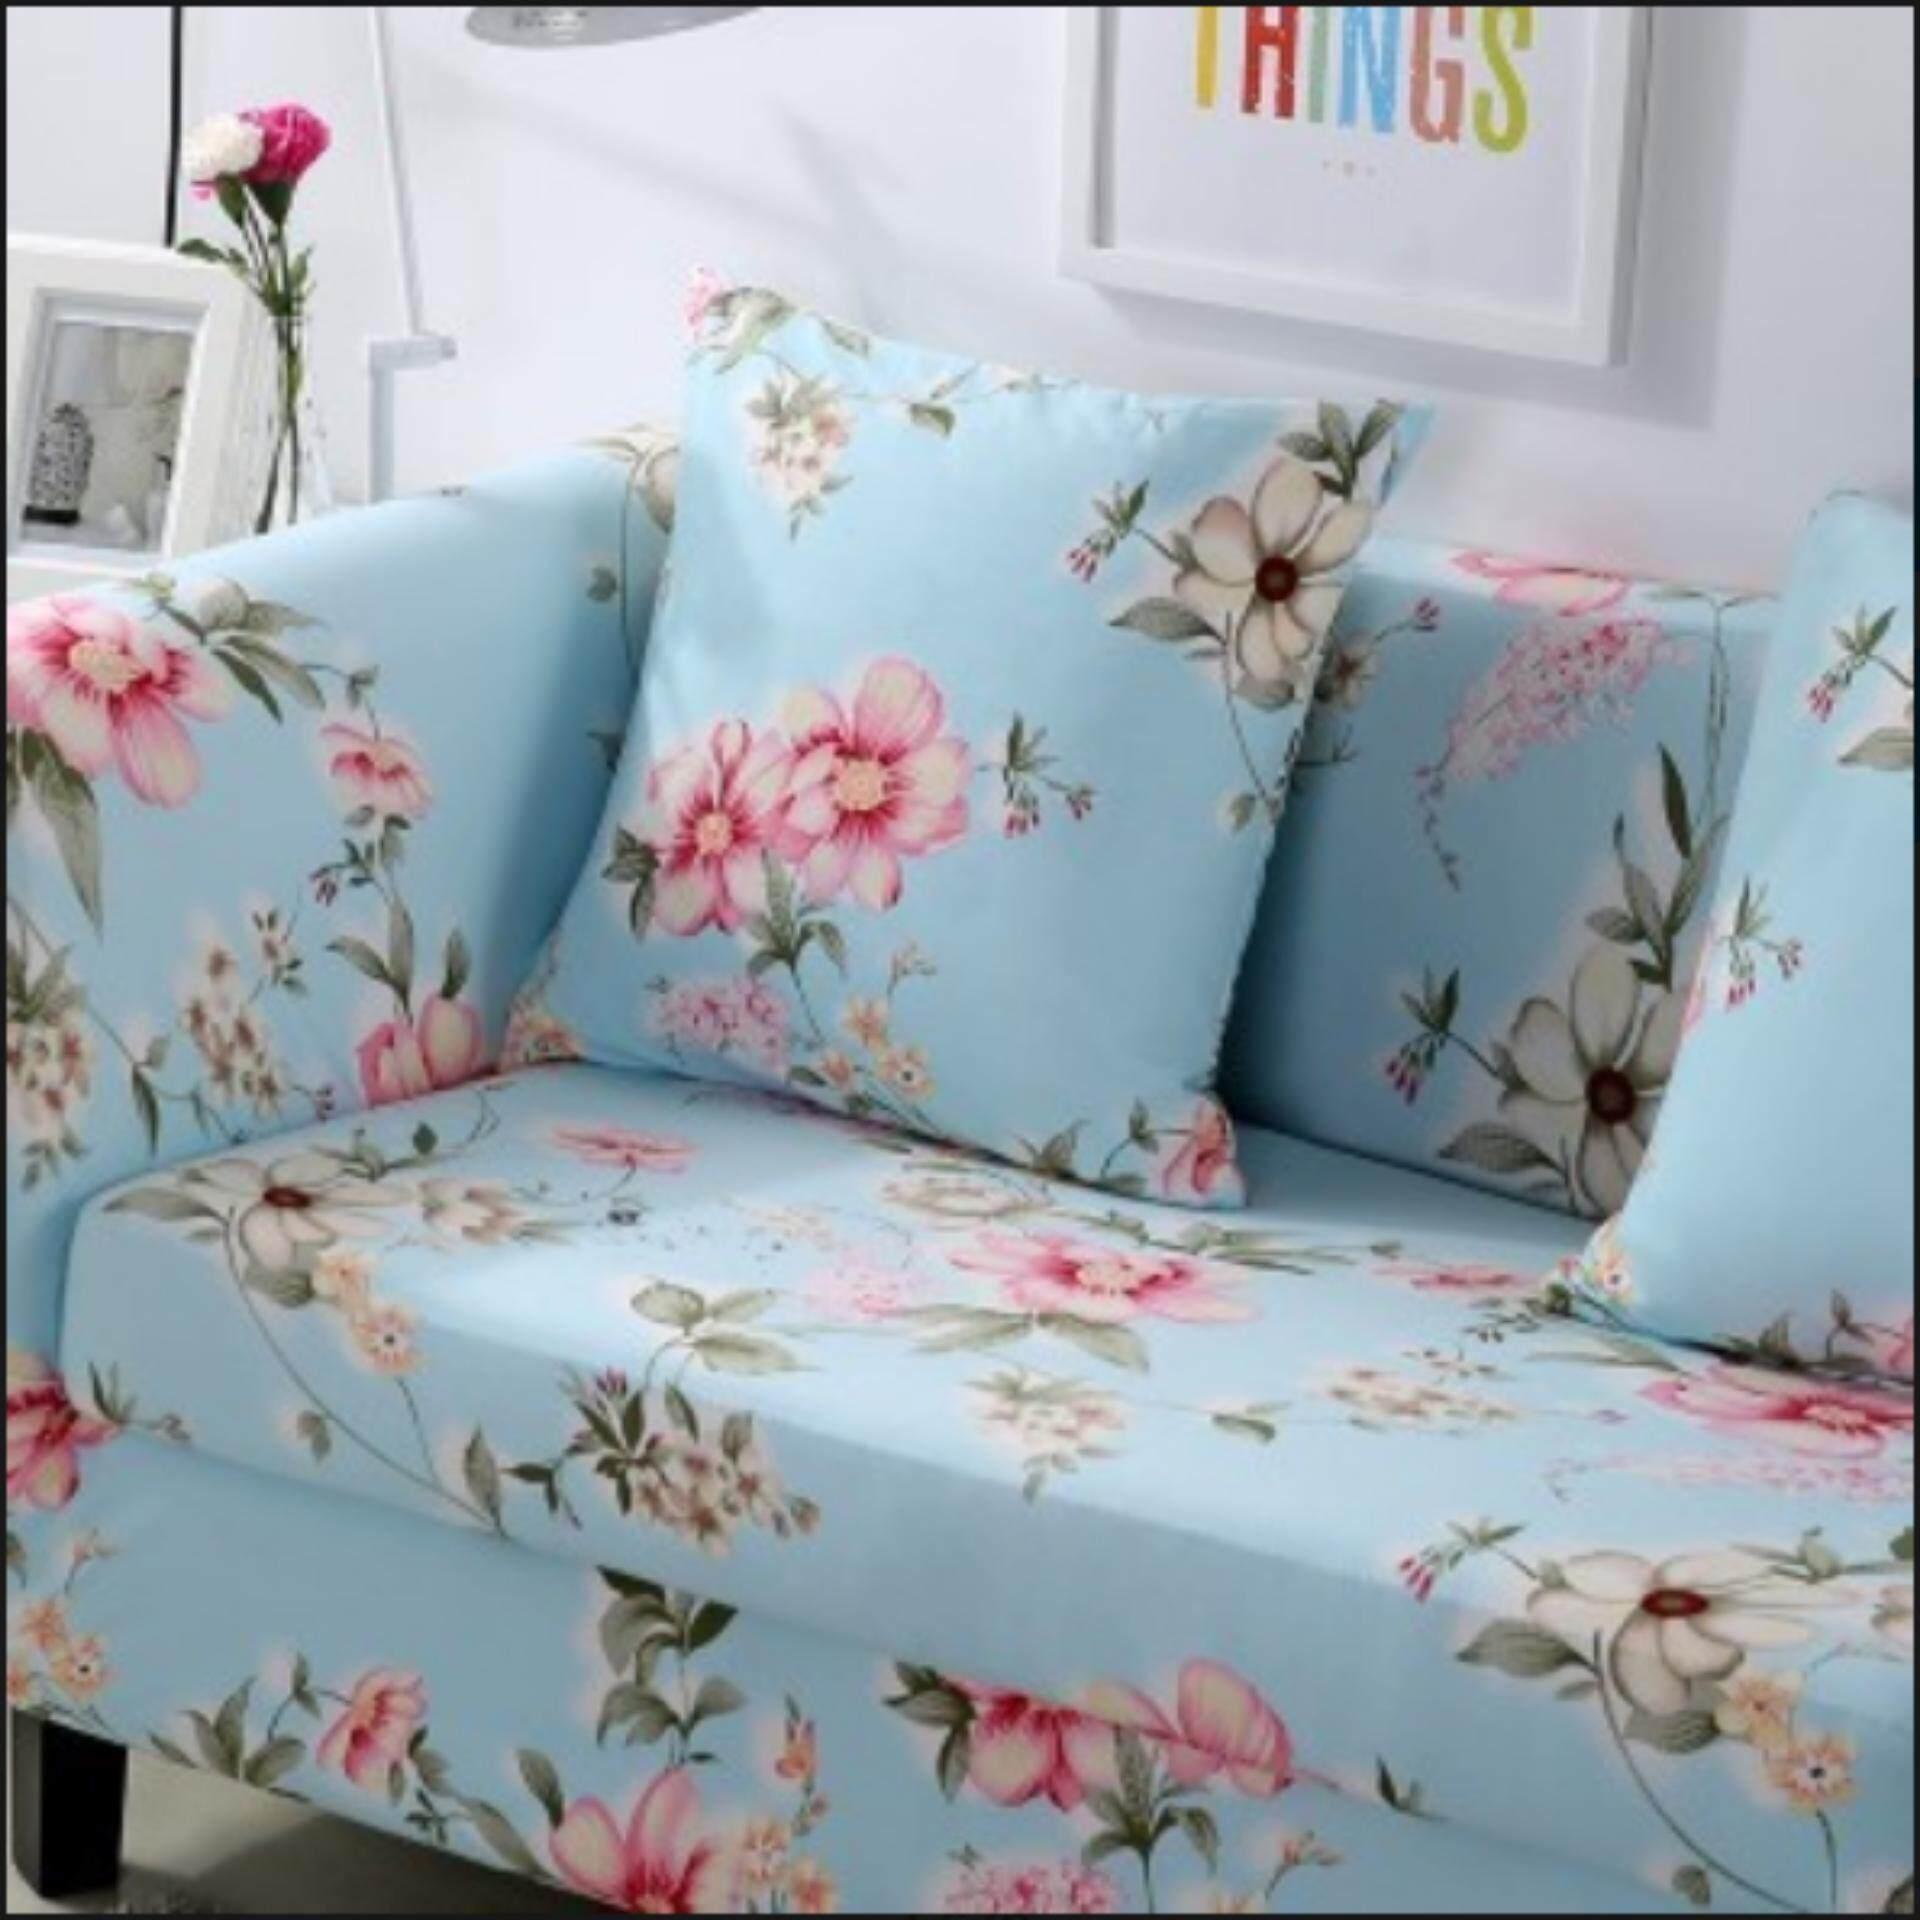 ซื้อ Nanarak ผ้าคลุมโซฟา M 145 185Cm Simple Four Seasons Solid Color Elastic Sofa Cover ฟรีผ้าคลุมหมอน ใหม่ล่าสุด